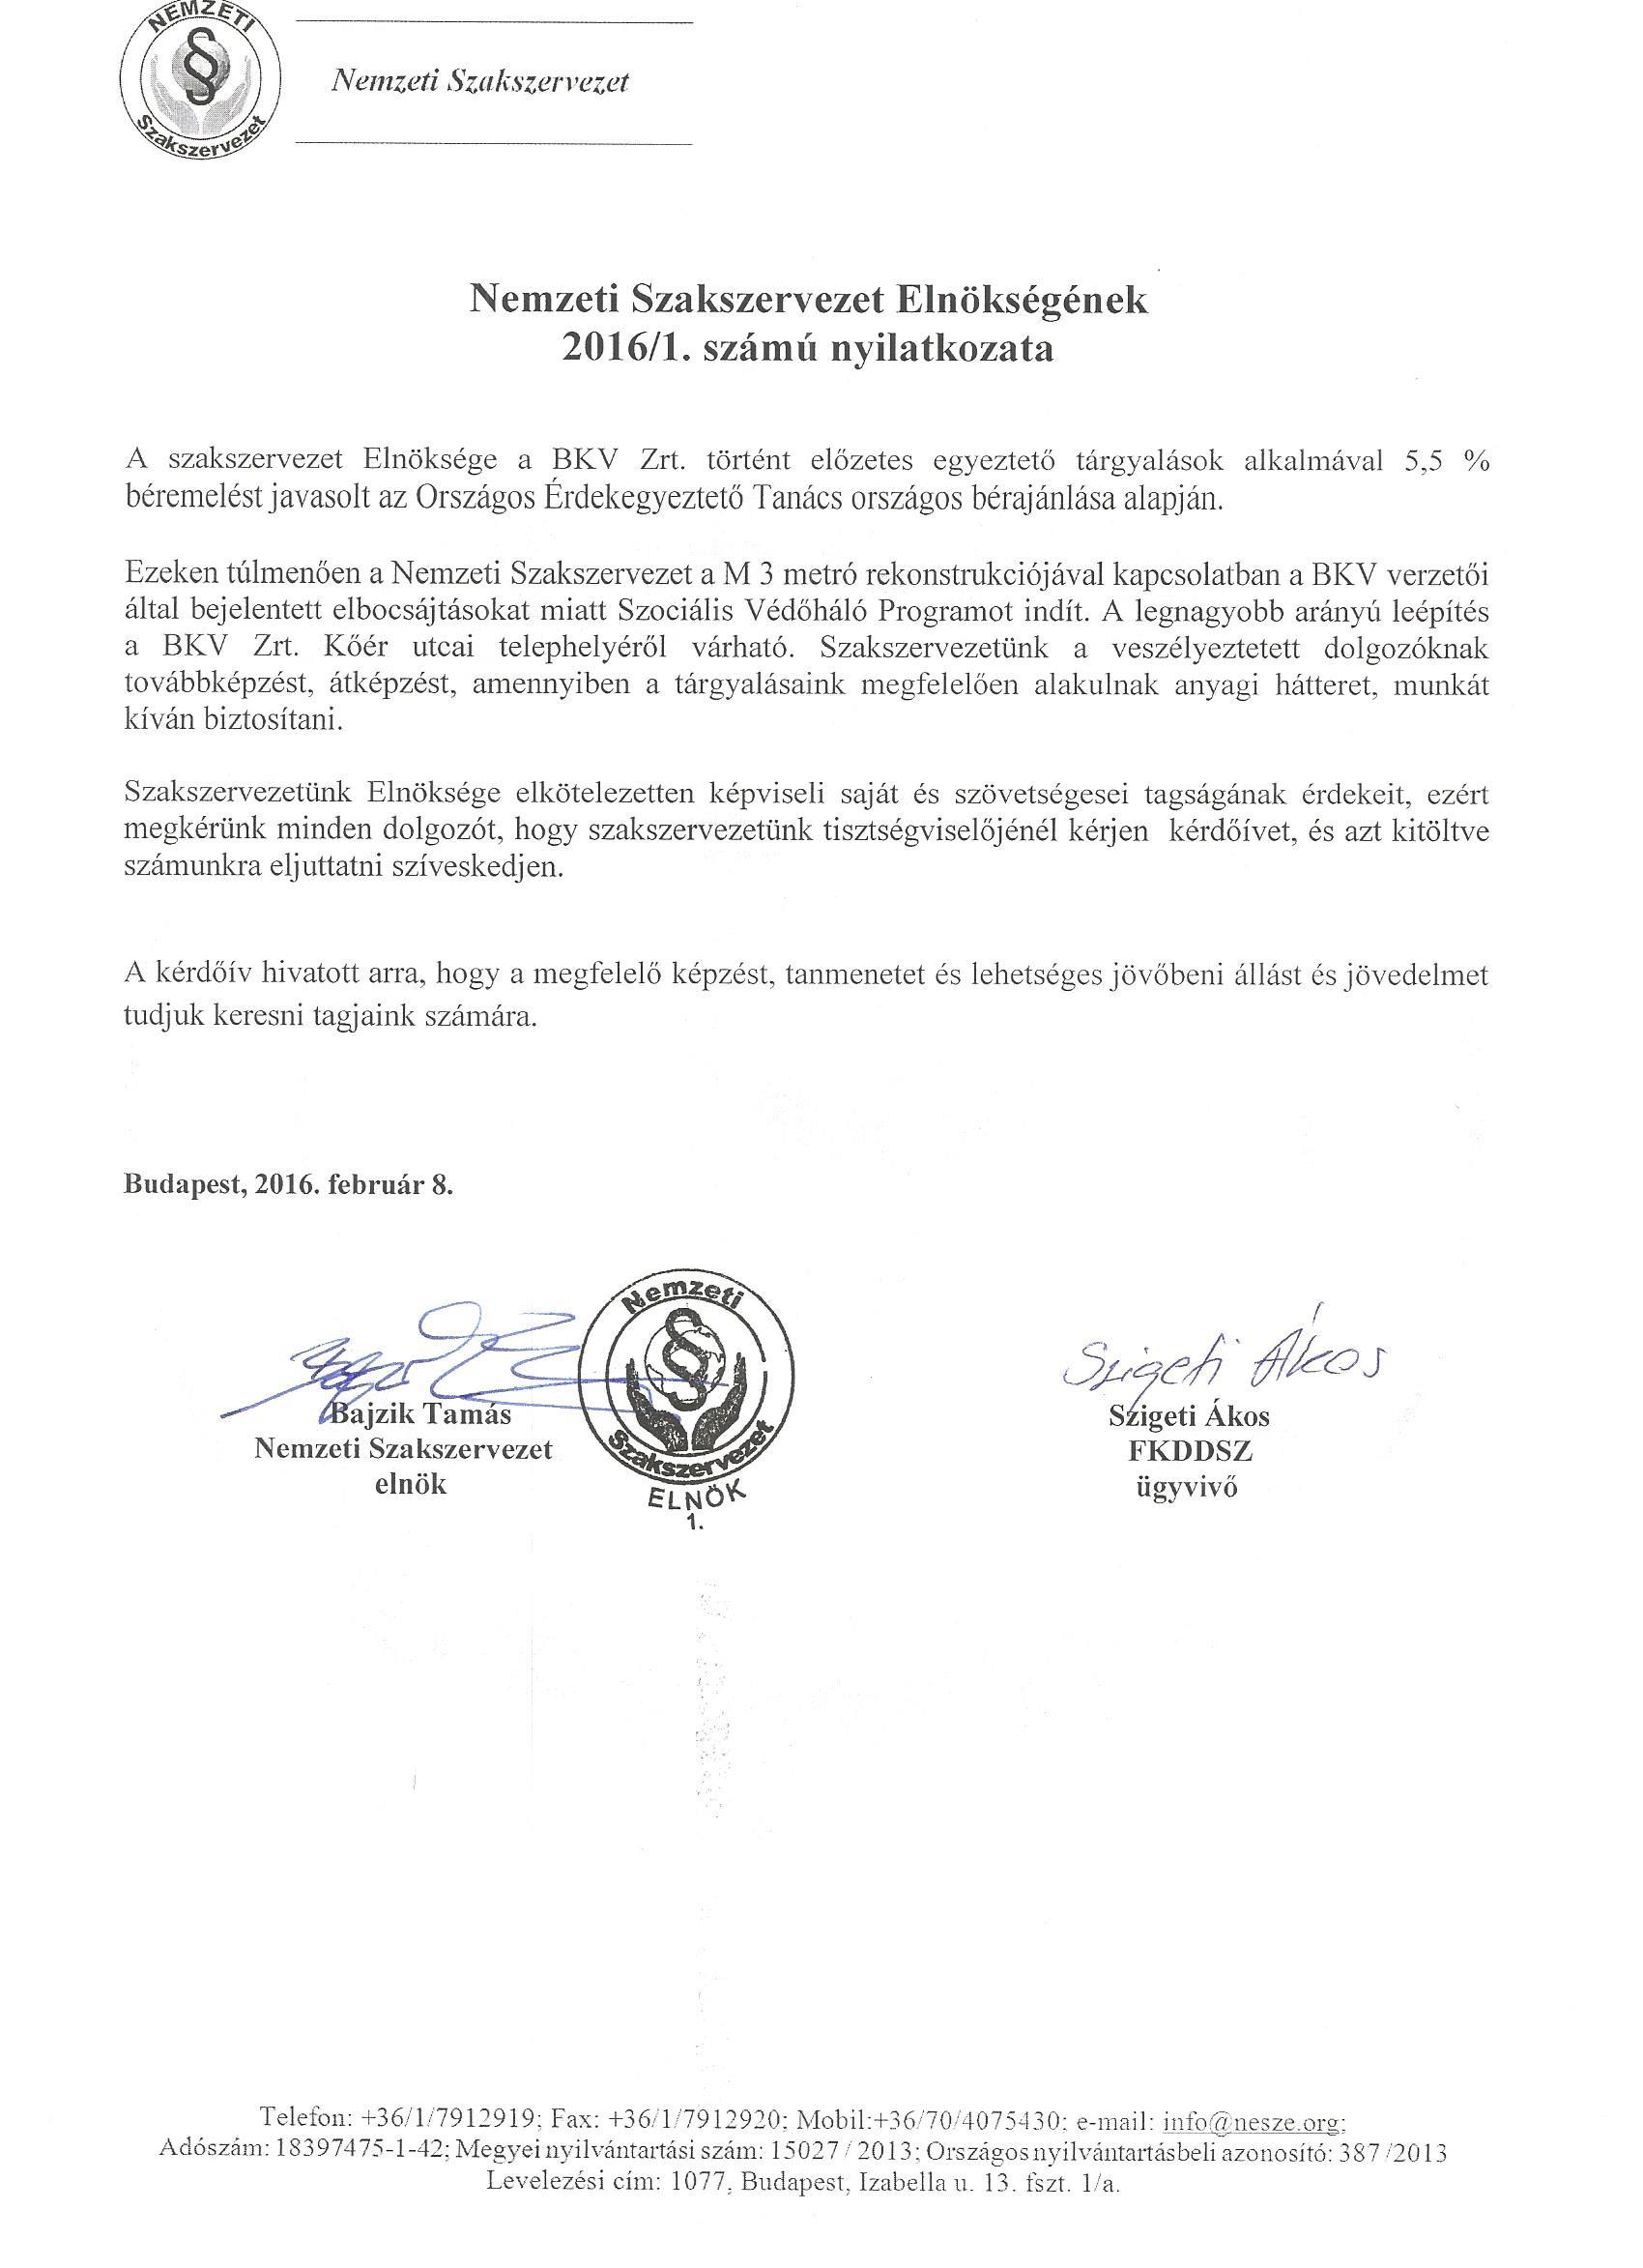 A Nemzeti Szakszervezet Elnöksége bejelentette a Szociális Védőháló Program elindítását